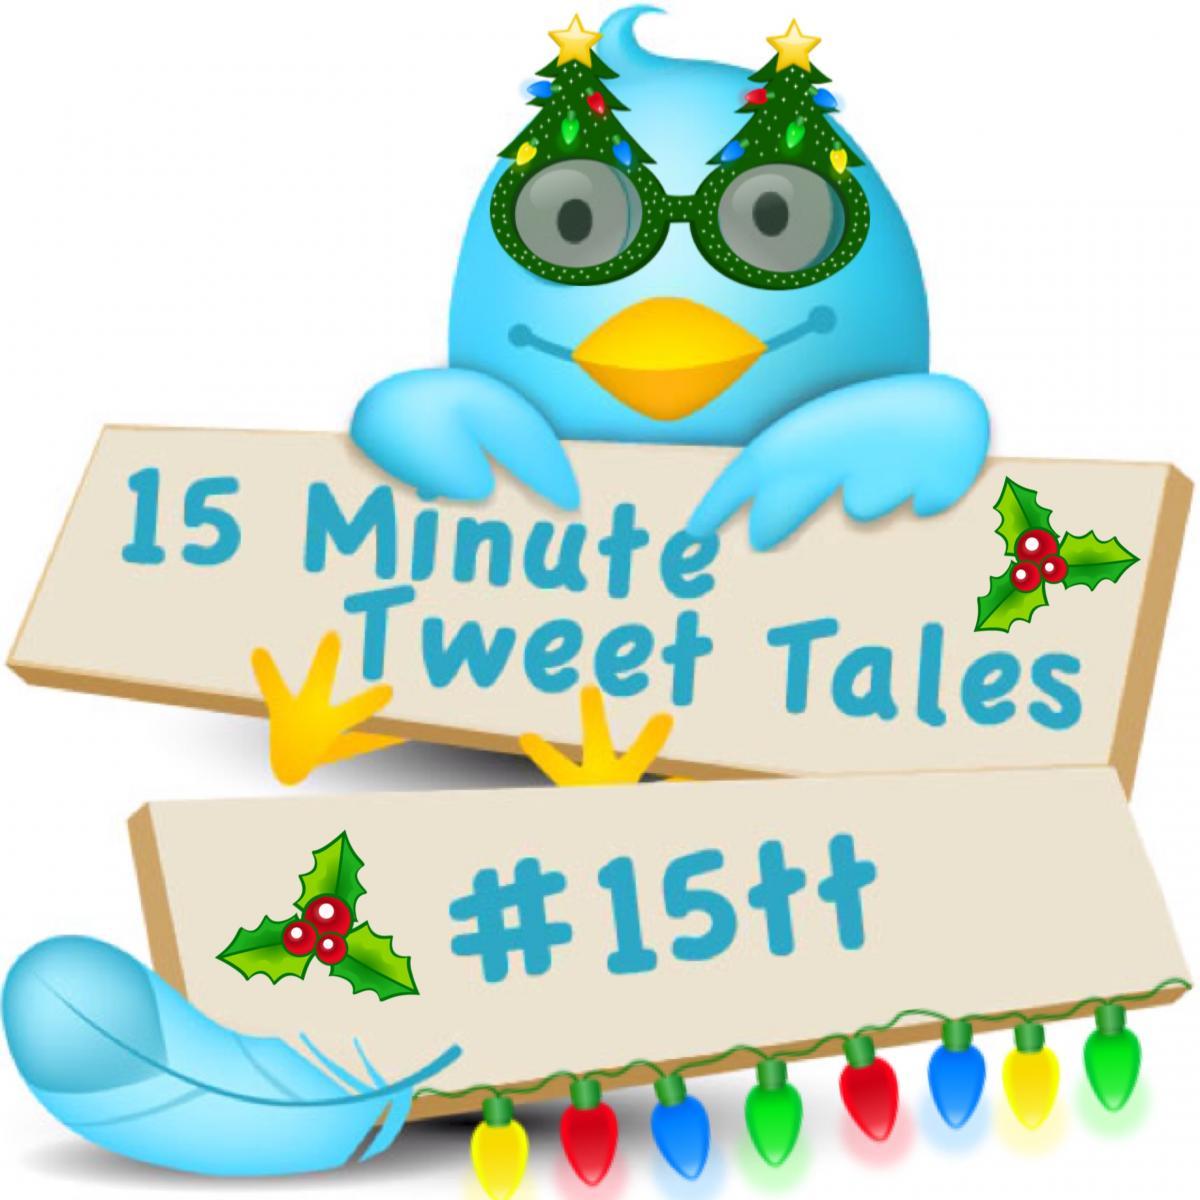 15 Minute Tweet Tales